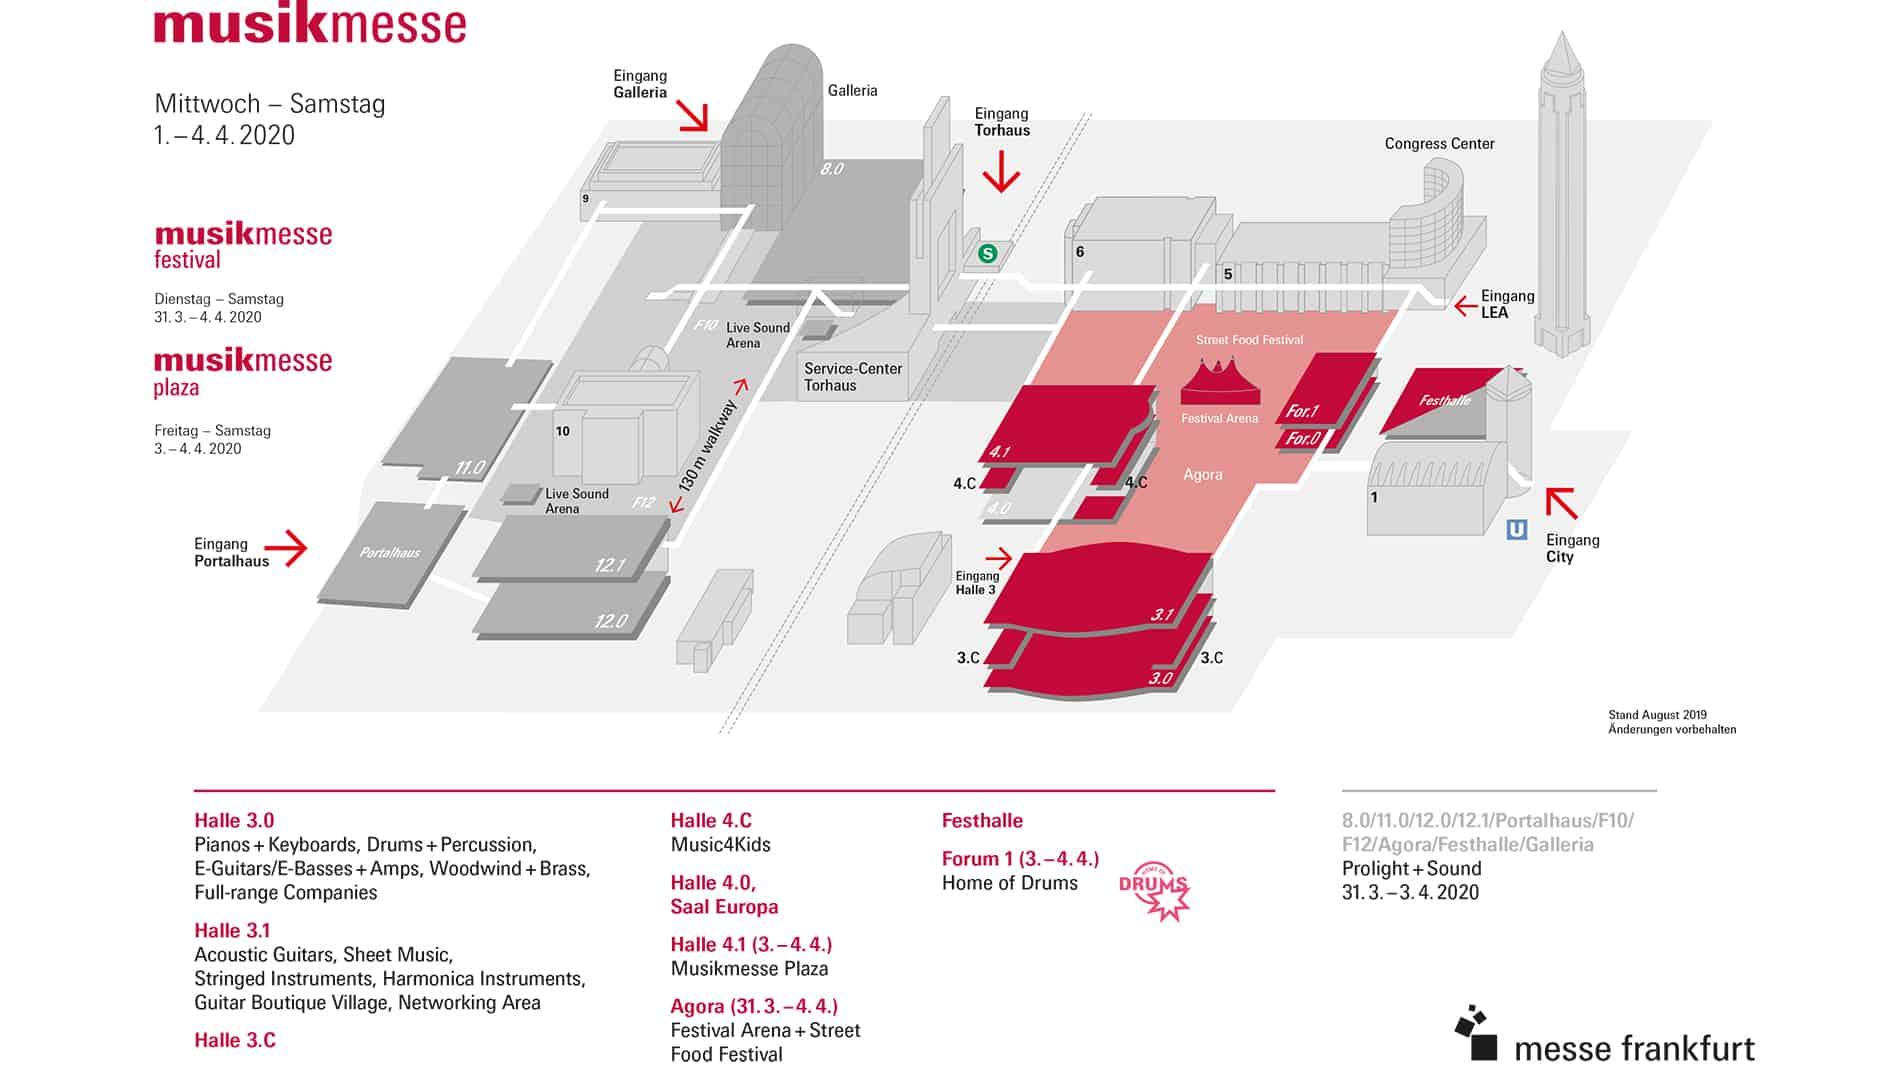 Geländeplan & Hallenbelegung - Musikmesse 2020